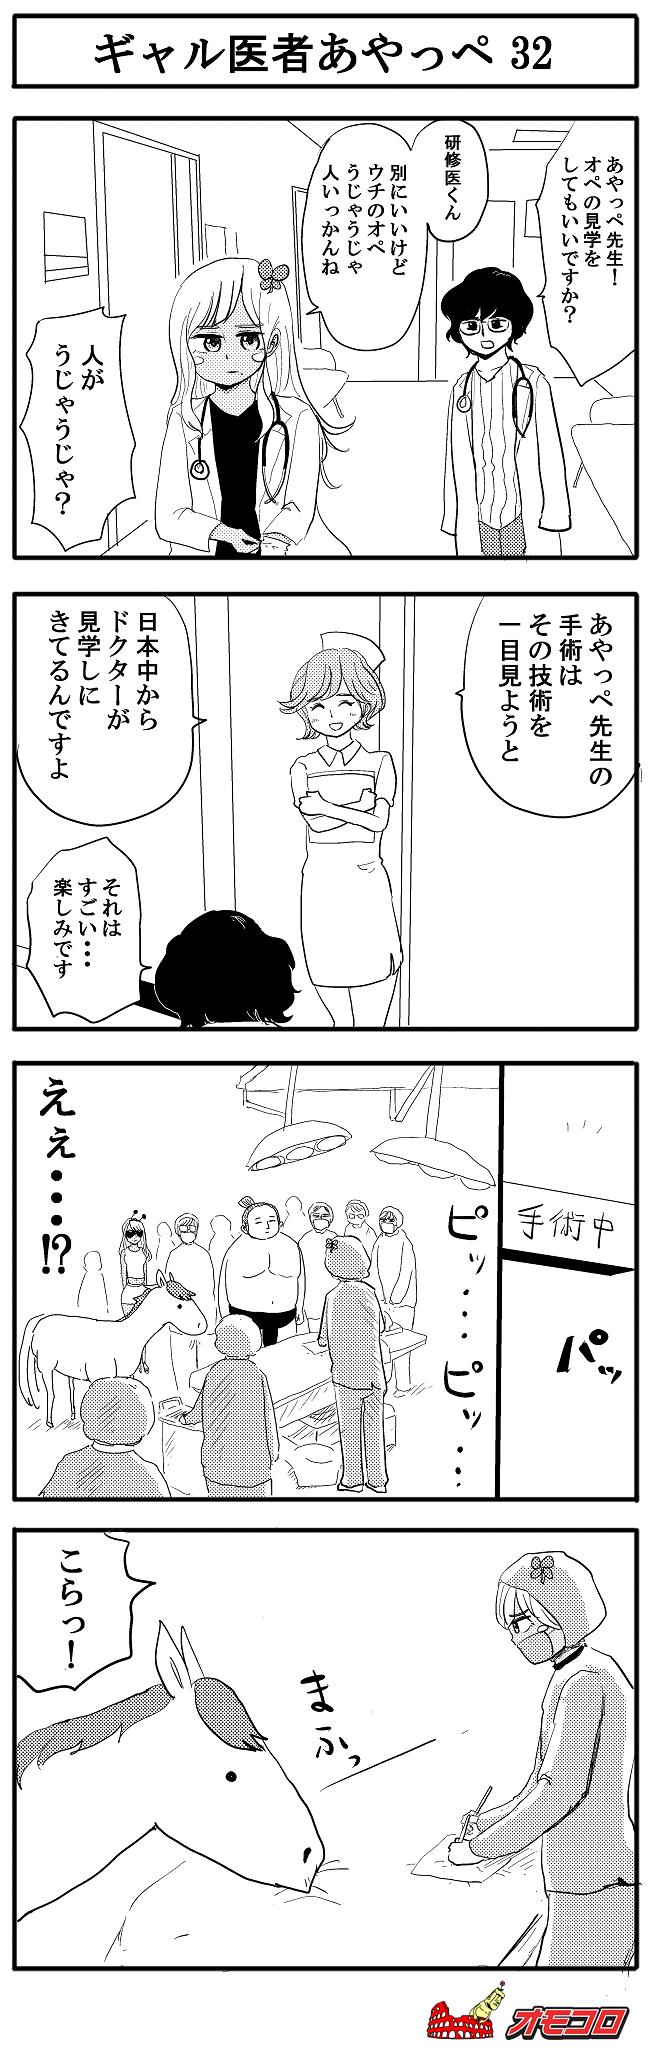 【4コマ漫画】ギャル医者あやっぺ32